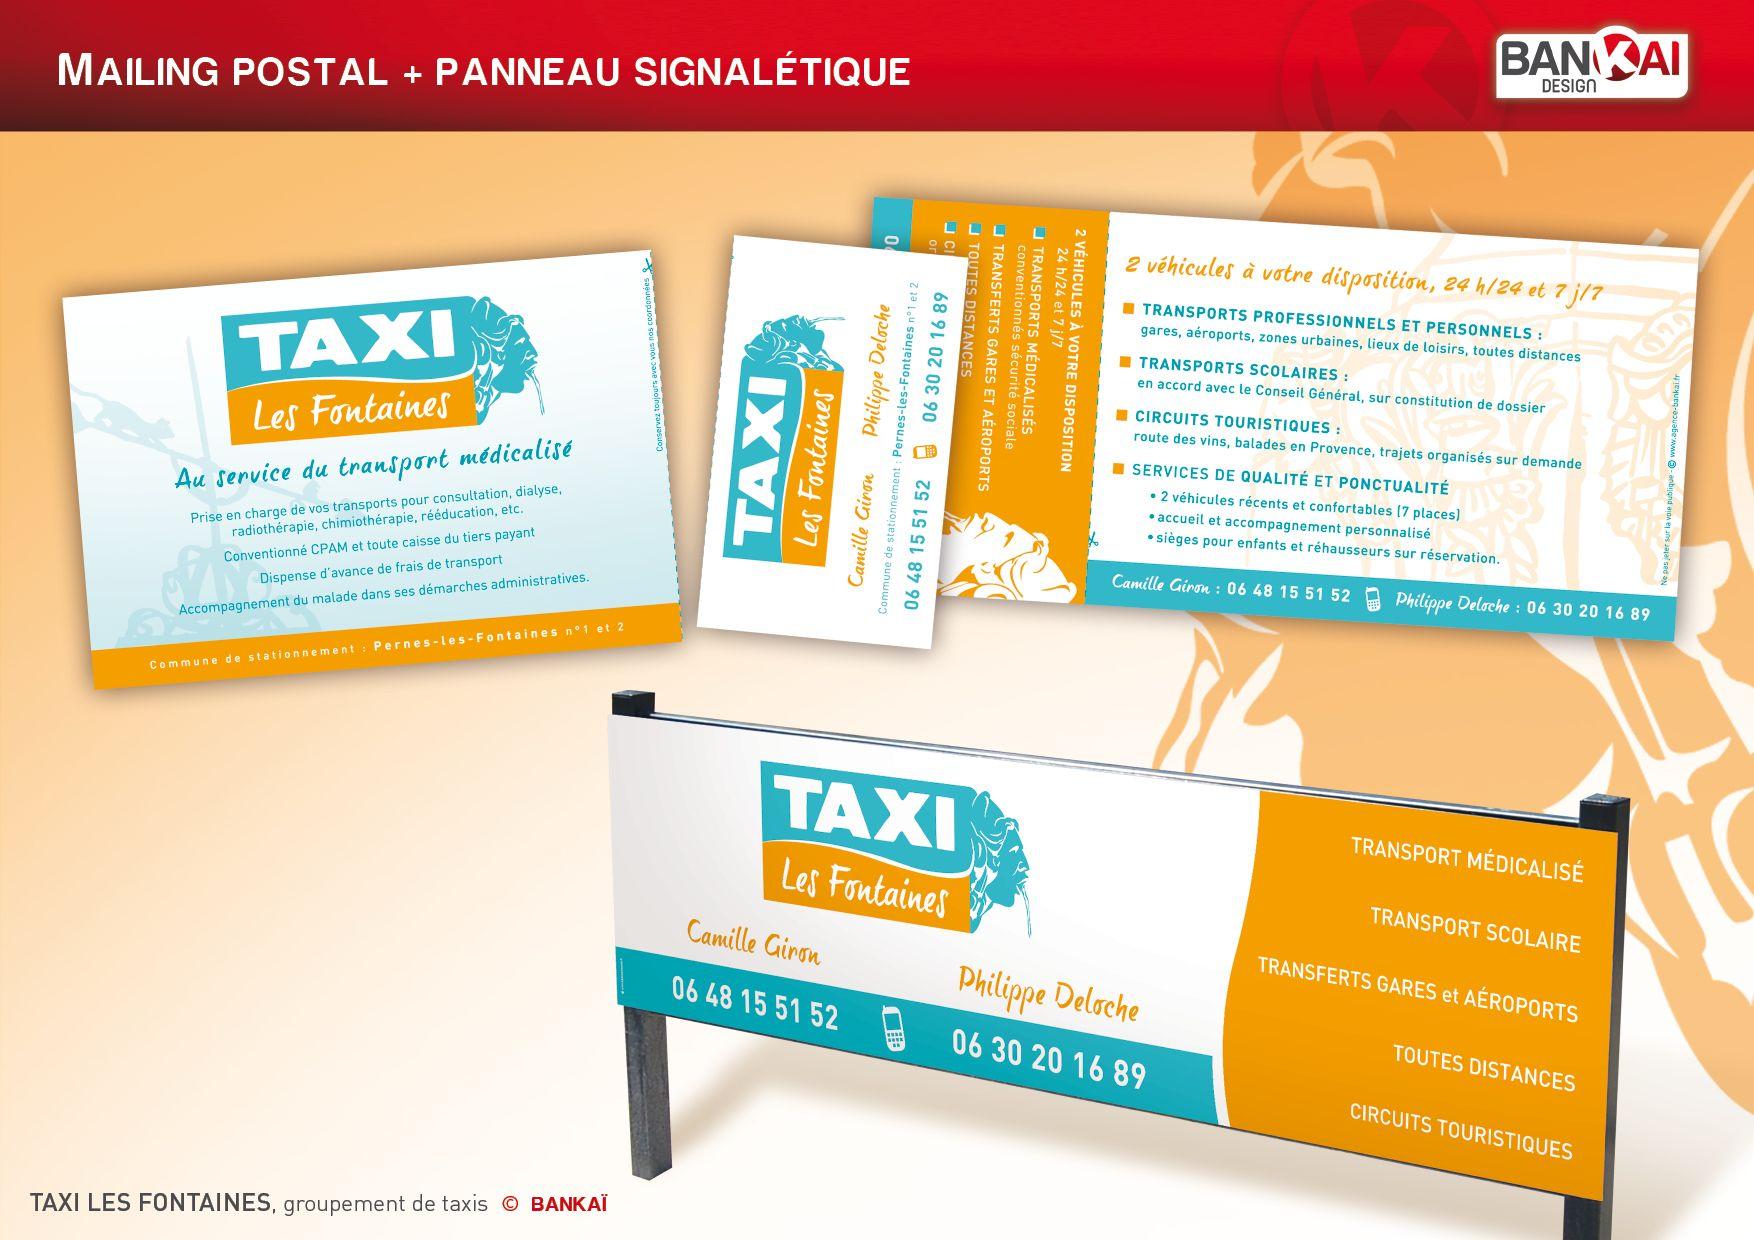 Taxi Des Fontaines Mailing Et Panneau Taxi Panneau Signaletique